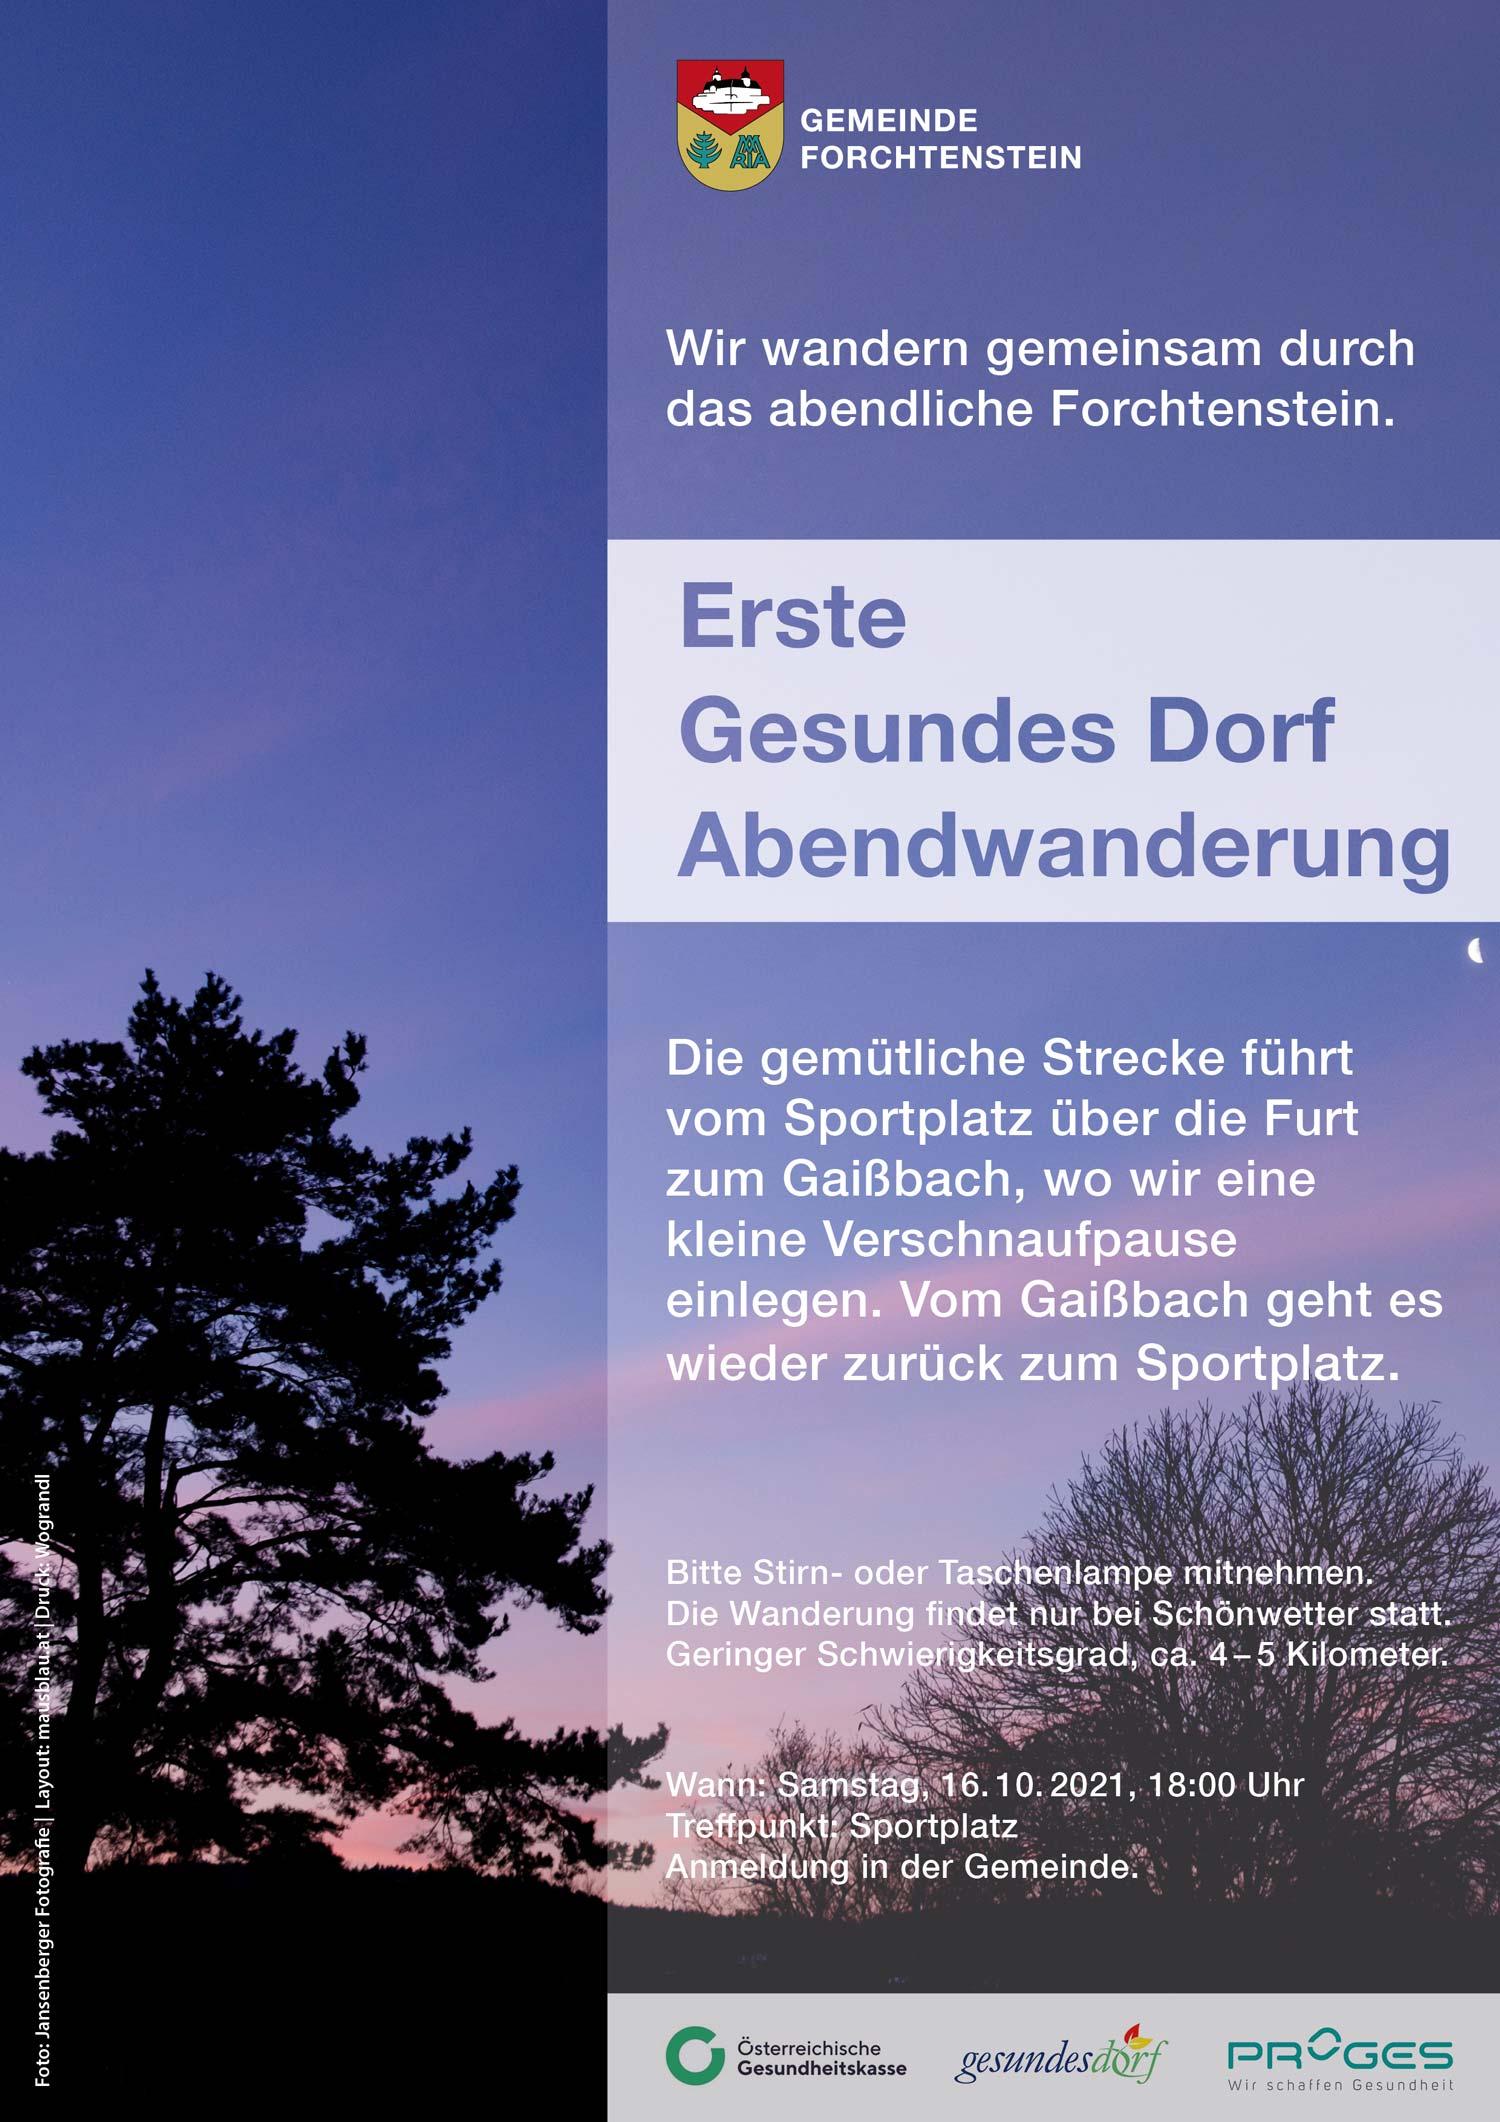 Bild: Abendwanderung-Gesundes-Dorf-Forchtenstein-2021